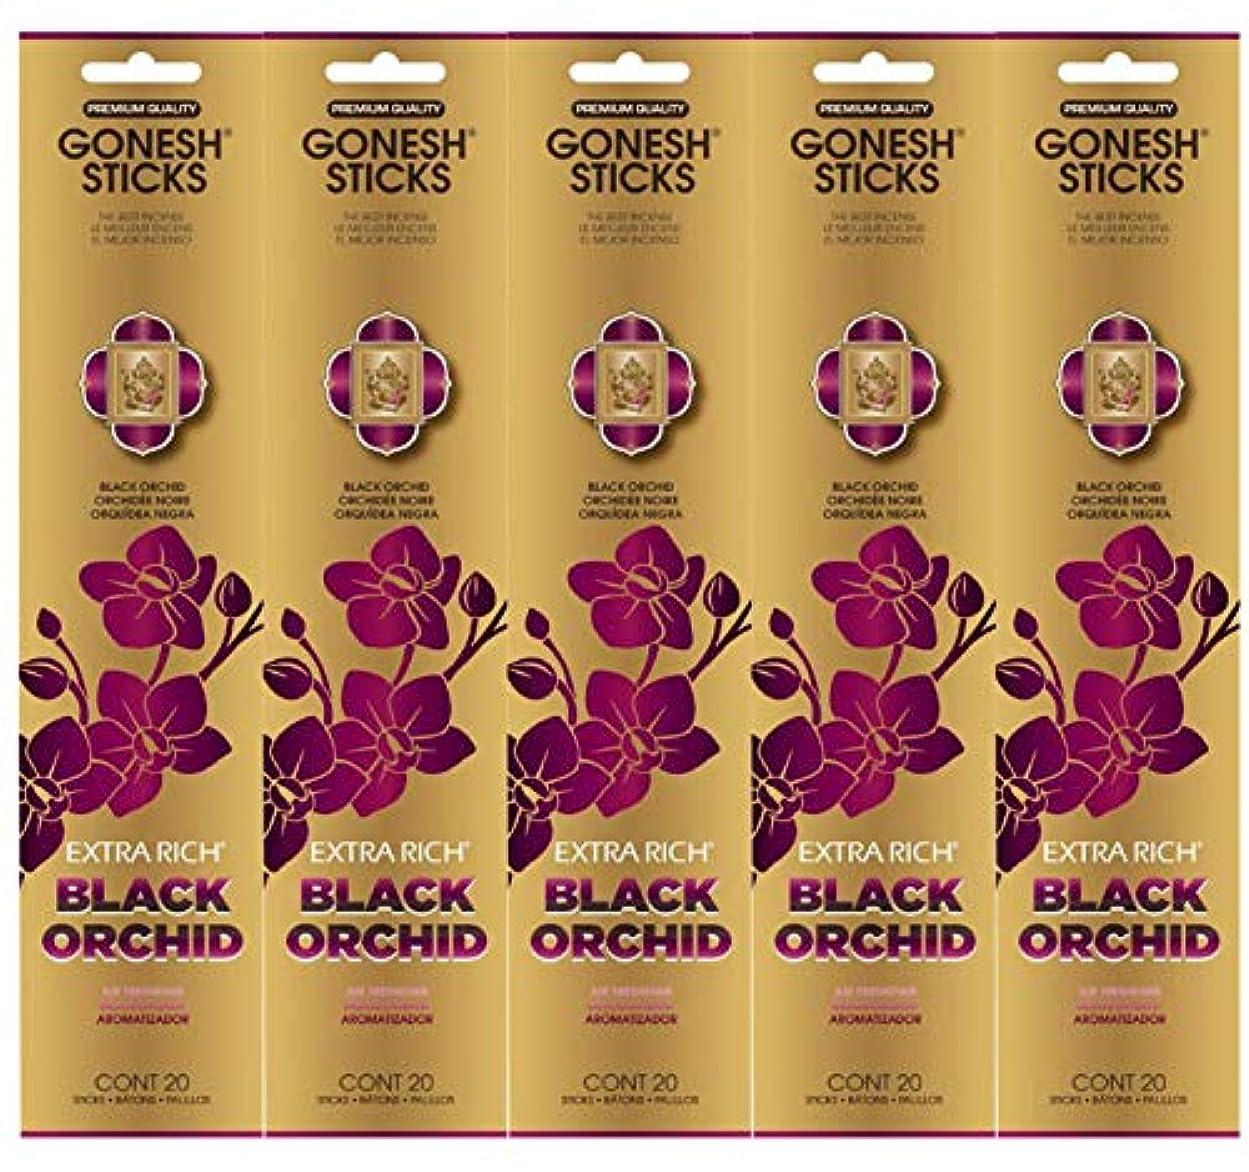 起業家どこでも哲学者Gonesh お香スティック エクストラリッチコレクション - ブラックオーキッド 5パック (合計100本)